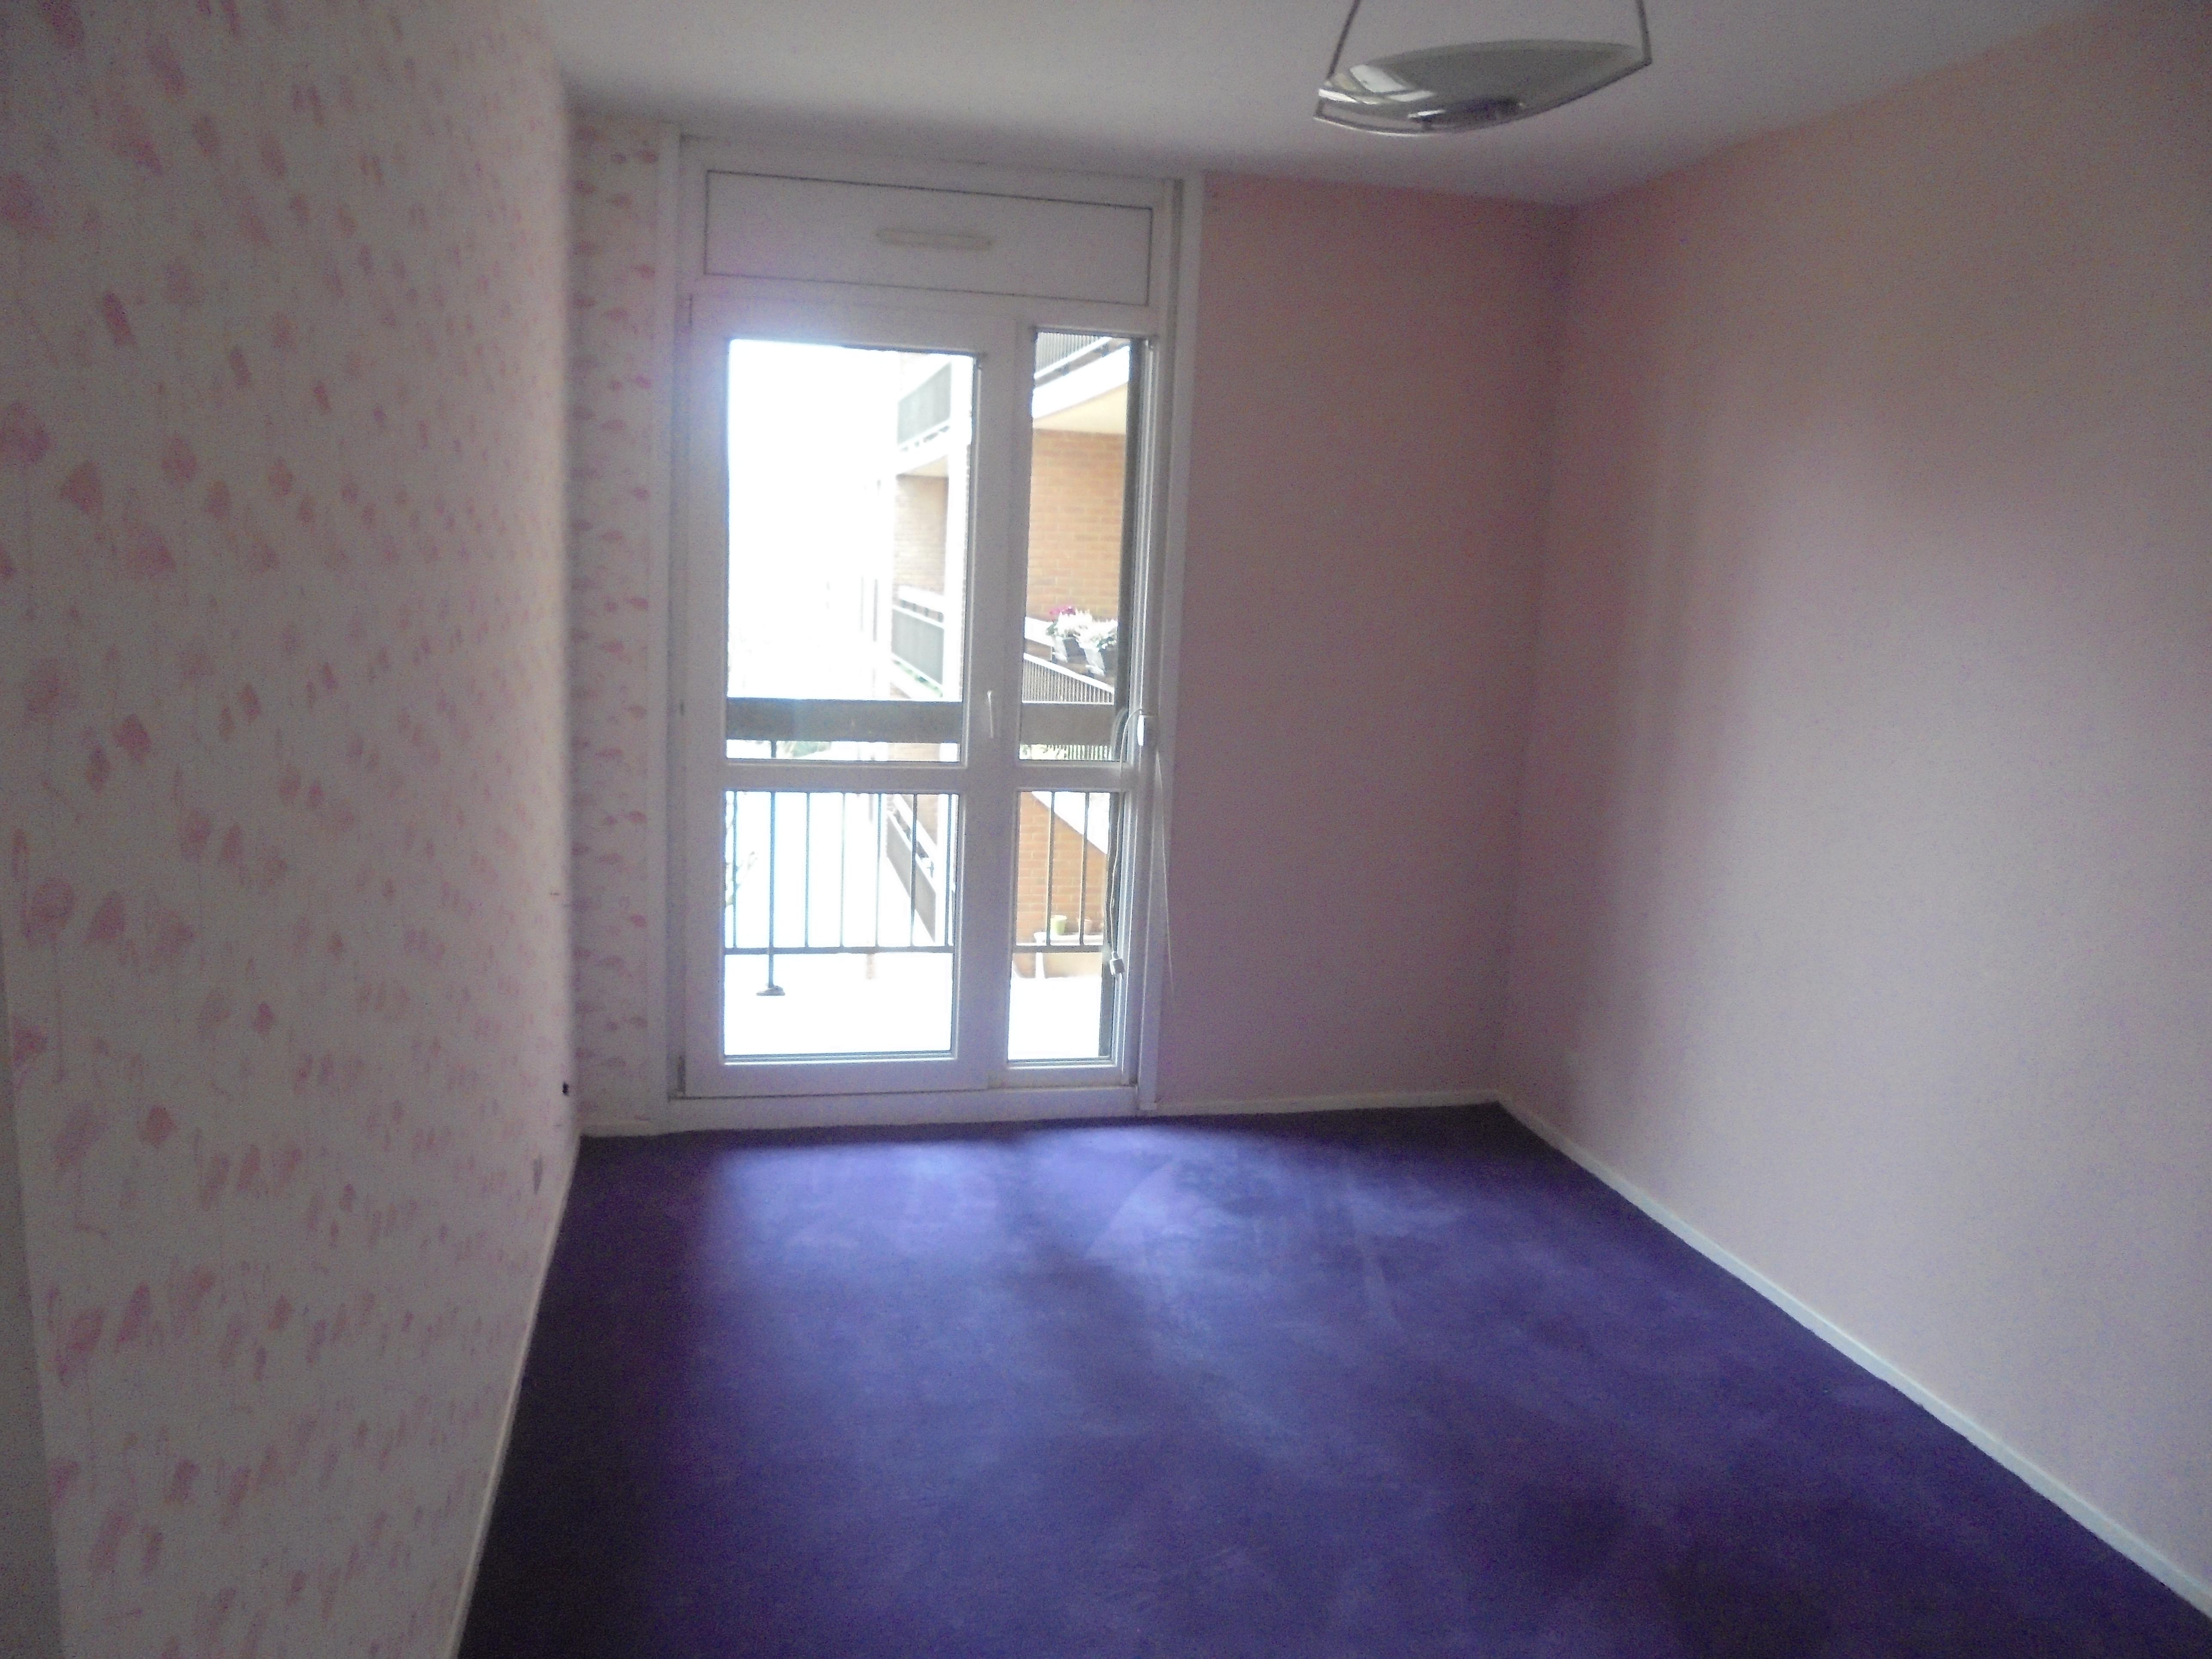 revetement sol chambre revetement sol chambre p1090577. Black Bedroom Furniture Sets. Home Design Ideas